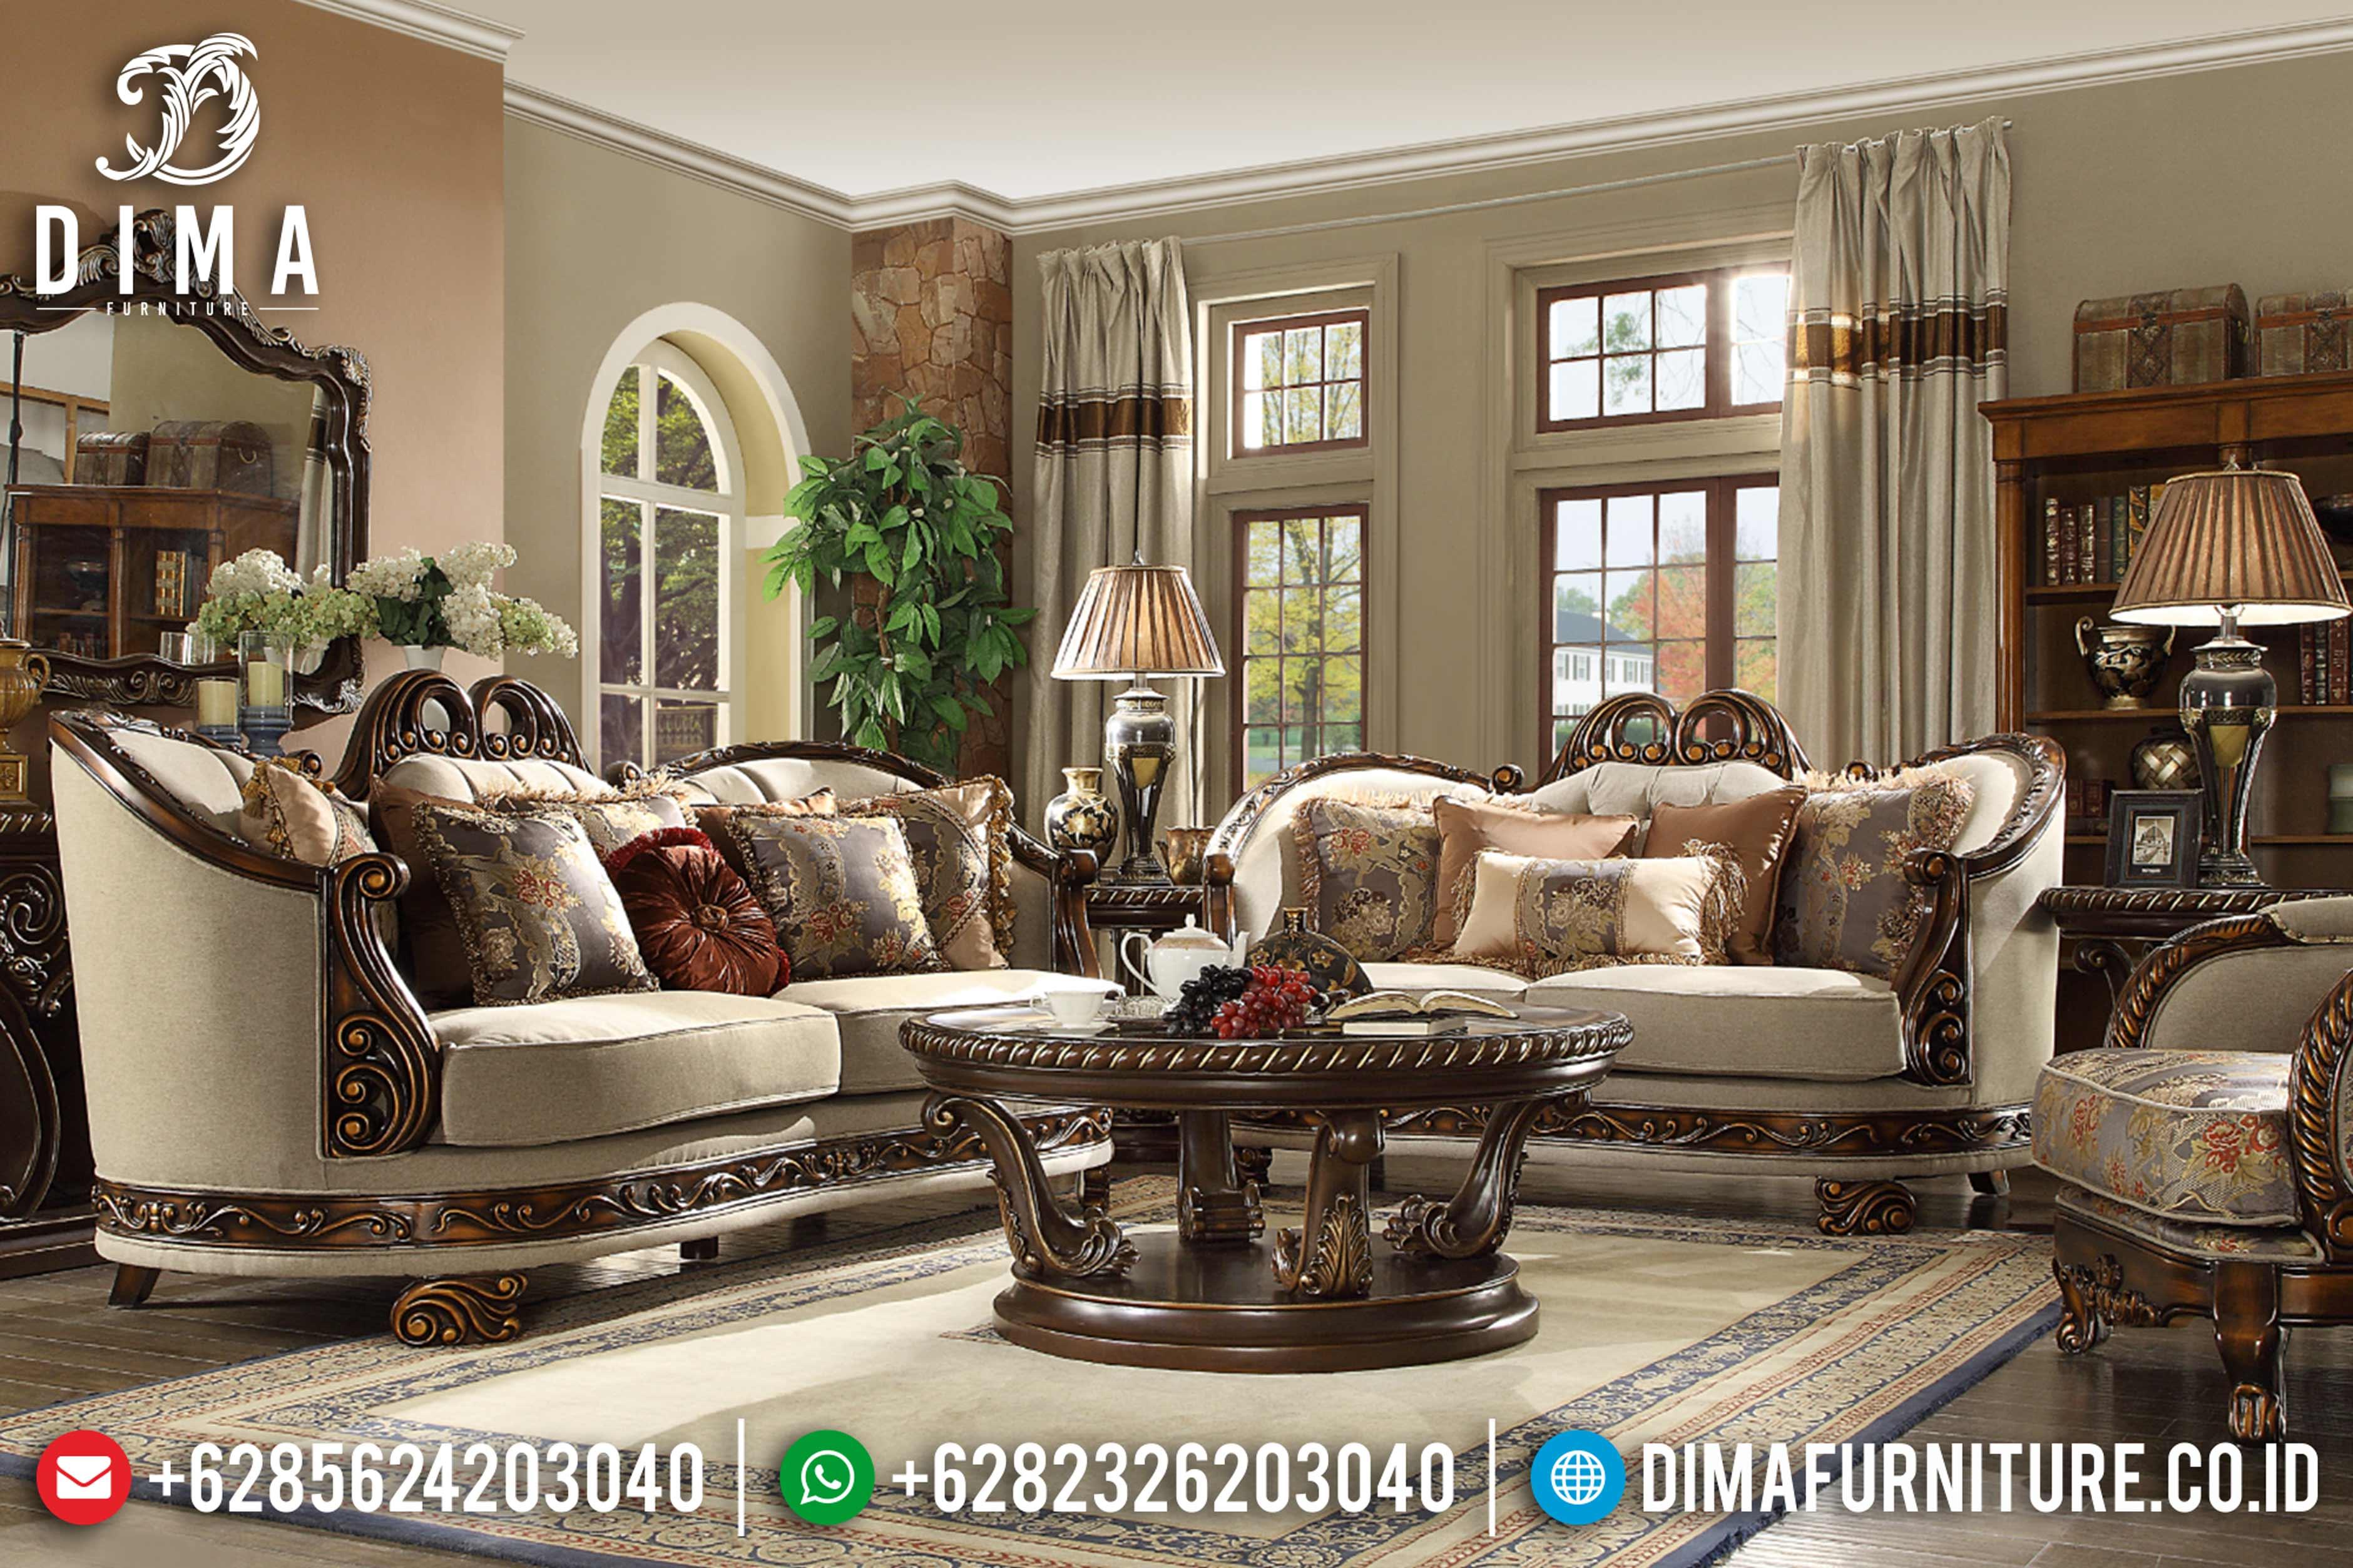 Jual 1 Set Sofa Tamu Mewah, Kursi Sofa Ruang Tamu Jepara, Sofa Terbaru 2020 DF-0792